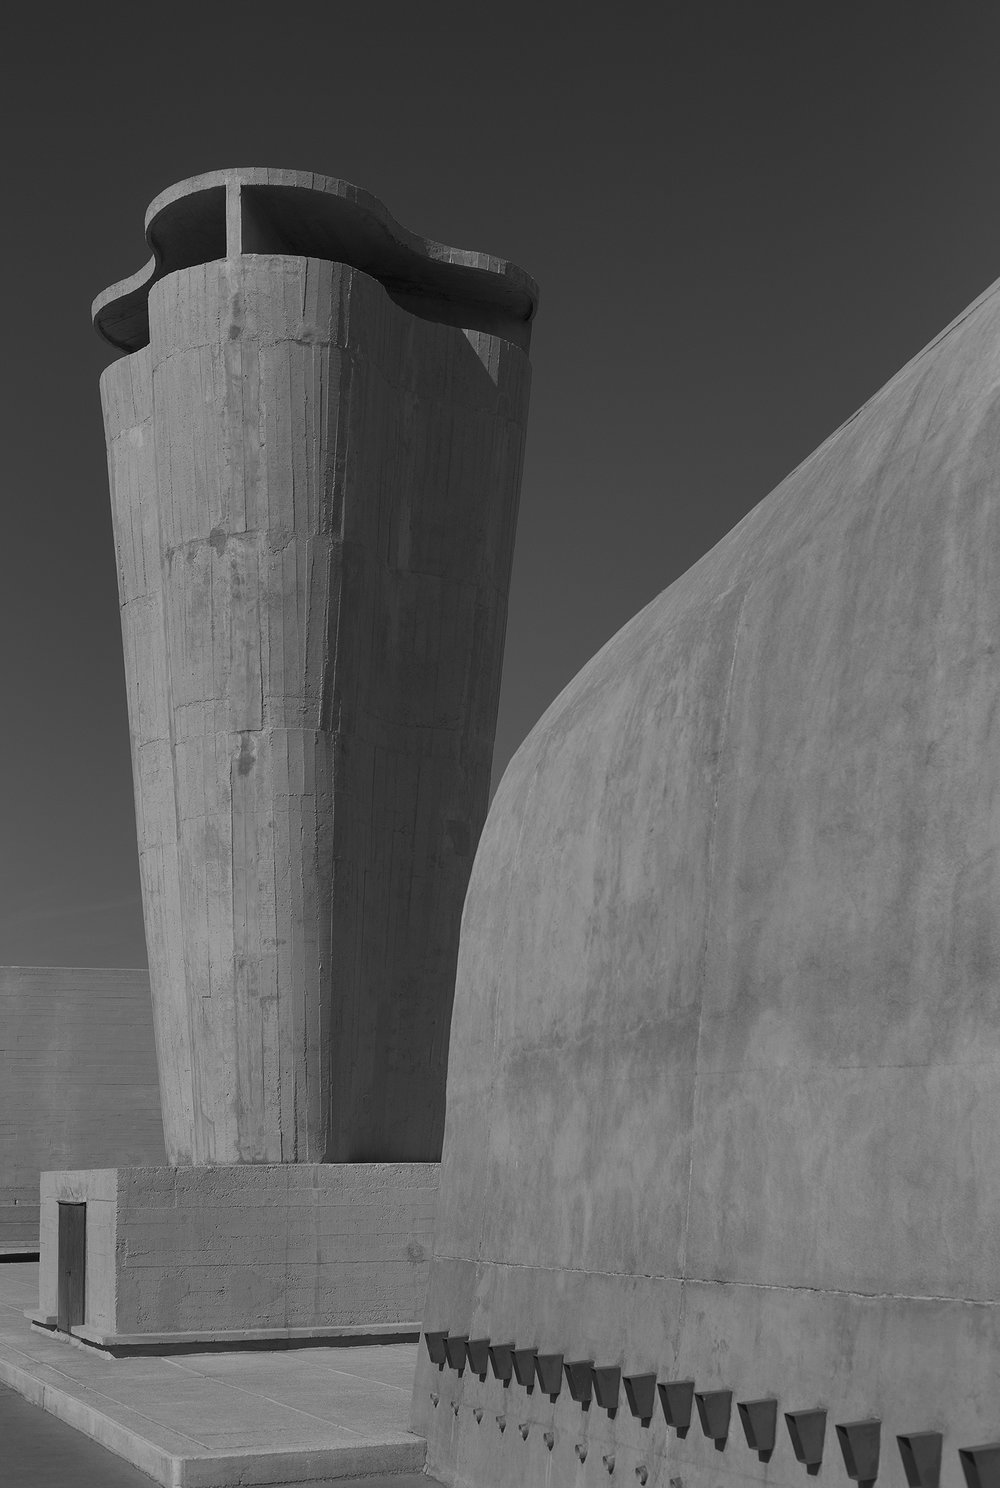 Le Corbusier Unité d'habitation, Marseille FR